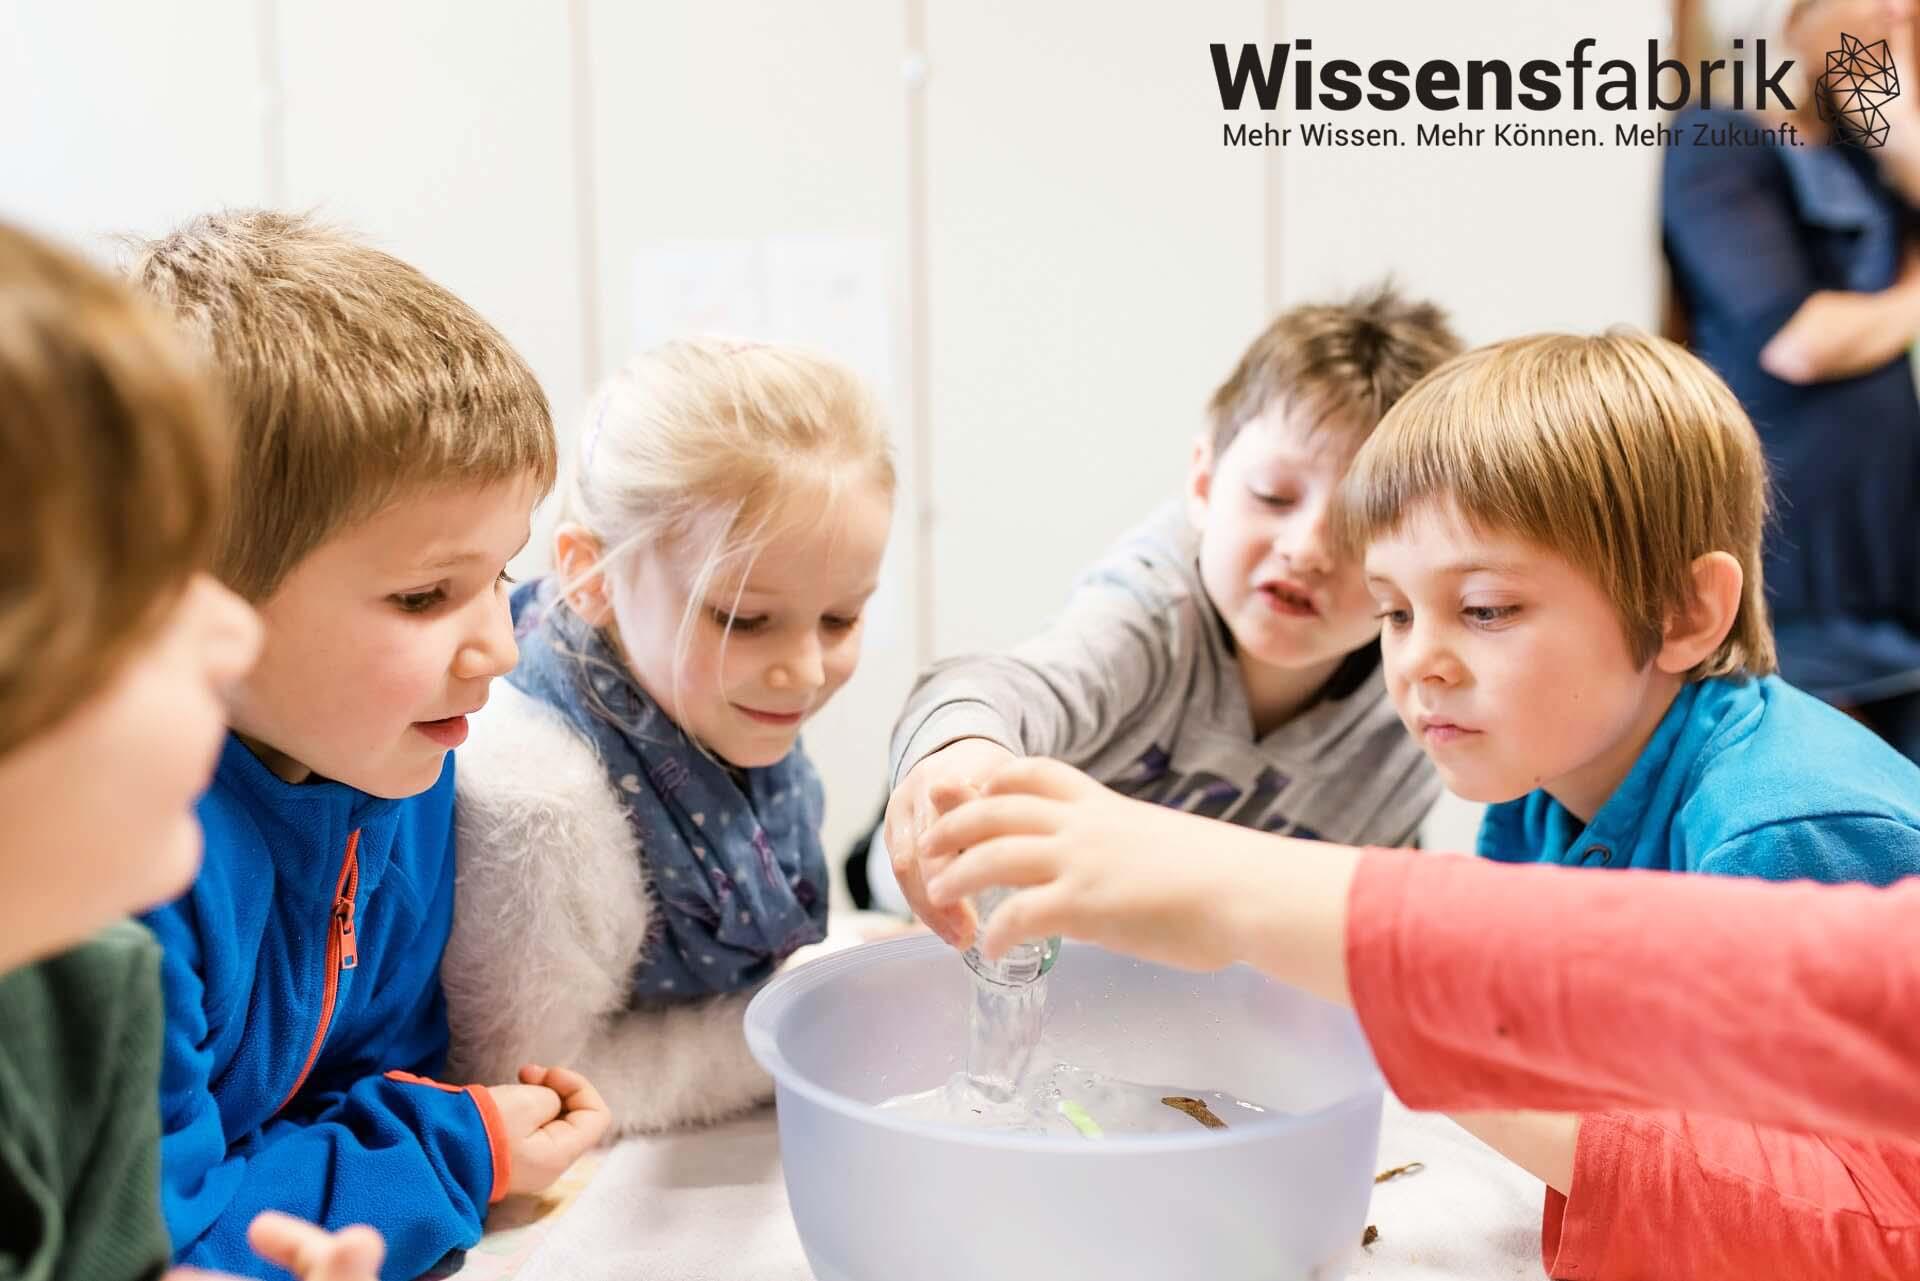 Kinder sitzen an einem Tisch und führen fröhlich ein Experiment durch.